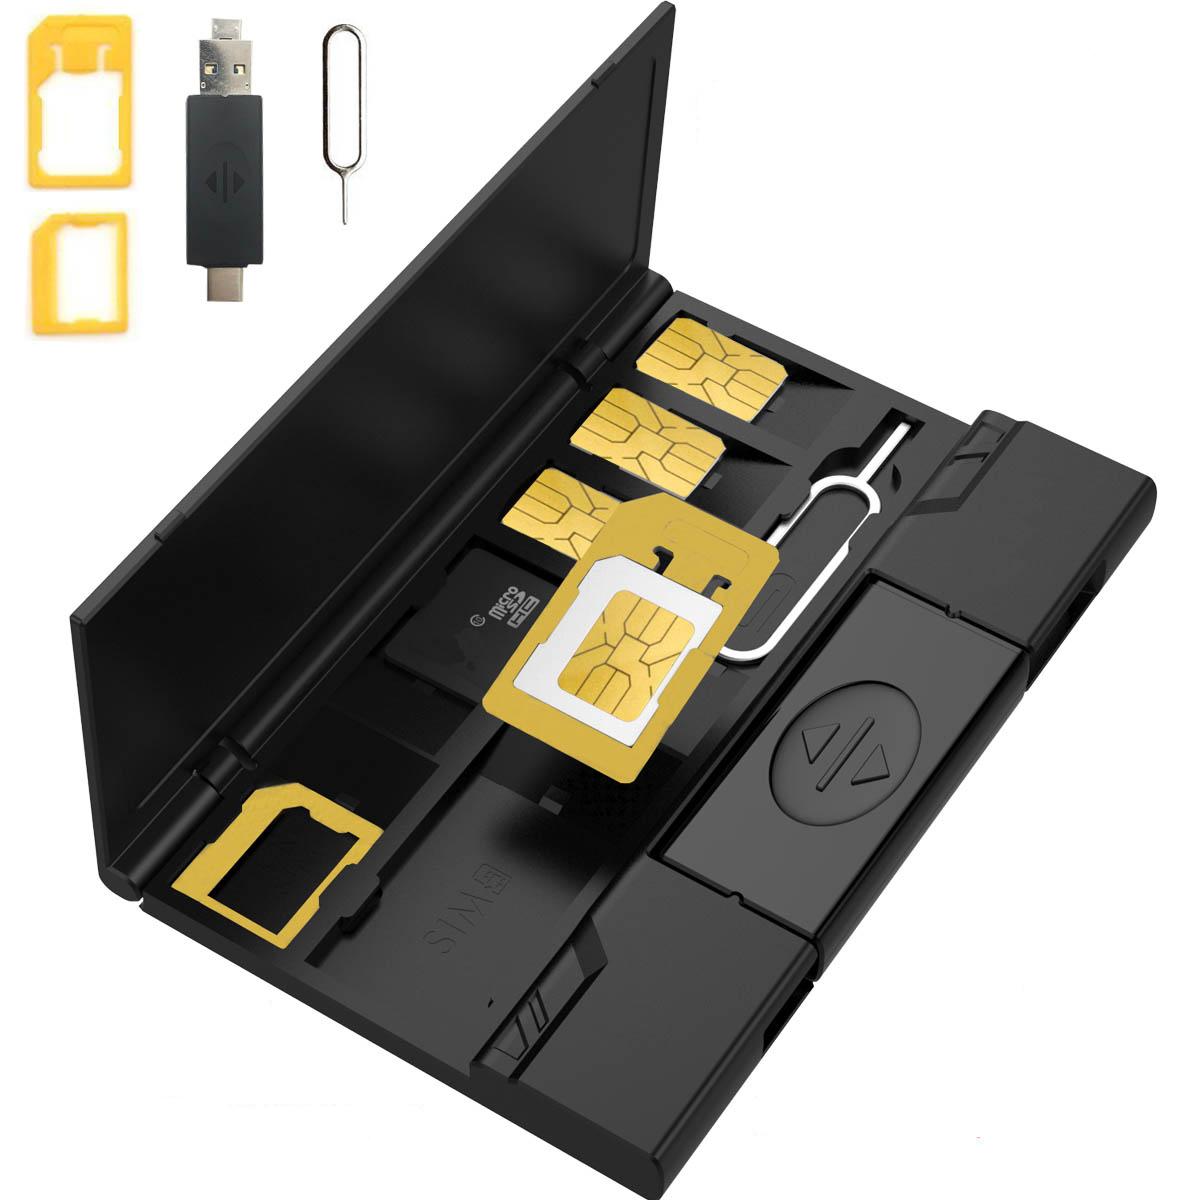 sim卡卡套还原卡盒手机nano卡托卡槽SD卡收纳器手机支架usb3.0